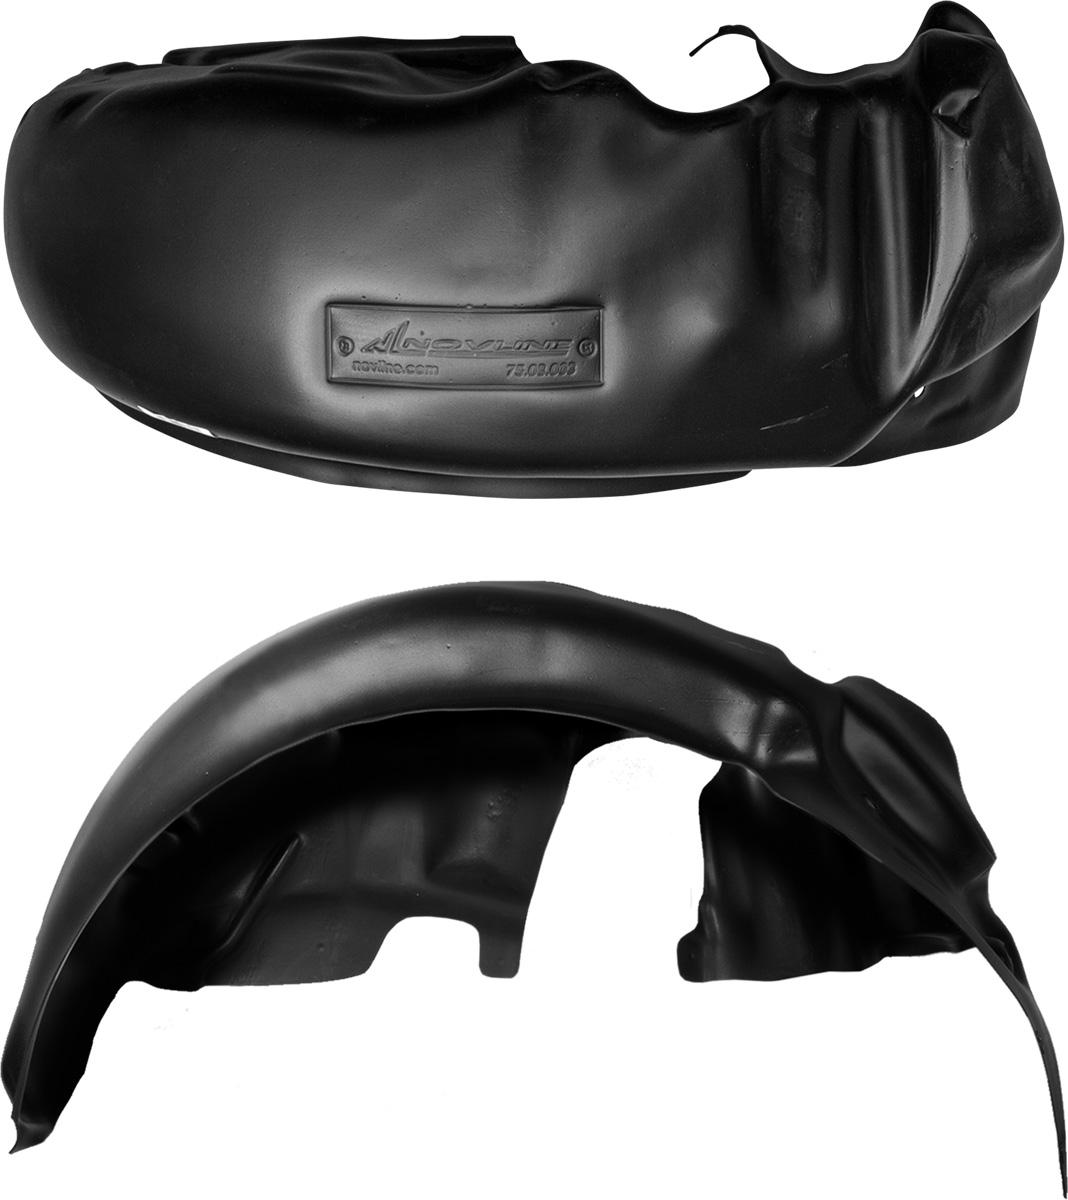 Подкрылок КIА Rio, 04/2015->, седан, задний правыйSVC-300Колесные ниши – одни из самых уязвимых зон днища вашего автомобиля. Они постоянно подвергаются воздействию со стороны дороги. Лучшая, почти абсолютная защита для них - специально отформованные пластиковые кожухи, которые называются подкрылками, или локерами. Производятся они как для отечественных моделей автомобилей, так и для иномарок. Подкрылки выполнены из высококачественного, экологически чистого пластика. Обеспечивают надежную защиту кузова автомобиля от пескоструйного эффекта и негативного влияния, агрессивных антигололедных реагентов. Пластик обладает более низкой теплопроводностью, чем металл, поэтому в зимний период эксплуатации использование пластиковых подкрылков позволяет лучше защитить колесные ниши от налипания снега и образования наледи. Оригинальность конструкции подчеркивает элегантность автомобиля, бережно защищает нанесенное на днище кузова антикоррозийное покрытие и позволяет осуществить крепление подкрылков внутри колесной арки практически без дополнительного крепежа и сверления, не нарушая при этом лакокрасочного покрытия, что предотвращает возникновение новых очагов коррозии. Технология крепления подкрылков на иномарки принципиально отличается от крепления на российские автомобили и разрабатывается индивидуально для каждой модели автомобиля. Подкрылки долговечны, обладают высокой прочностью и сохраняют заданную форму, а также все свои физико-механические характеристики в самых тяжелых климатических условиях ( от -50° С до + 50° С).